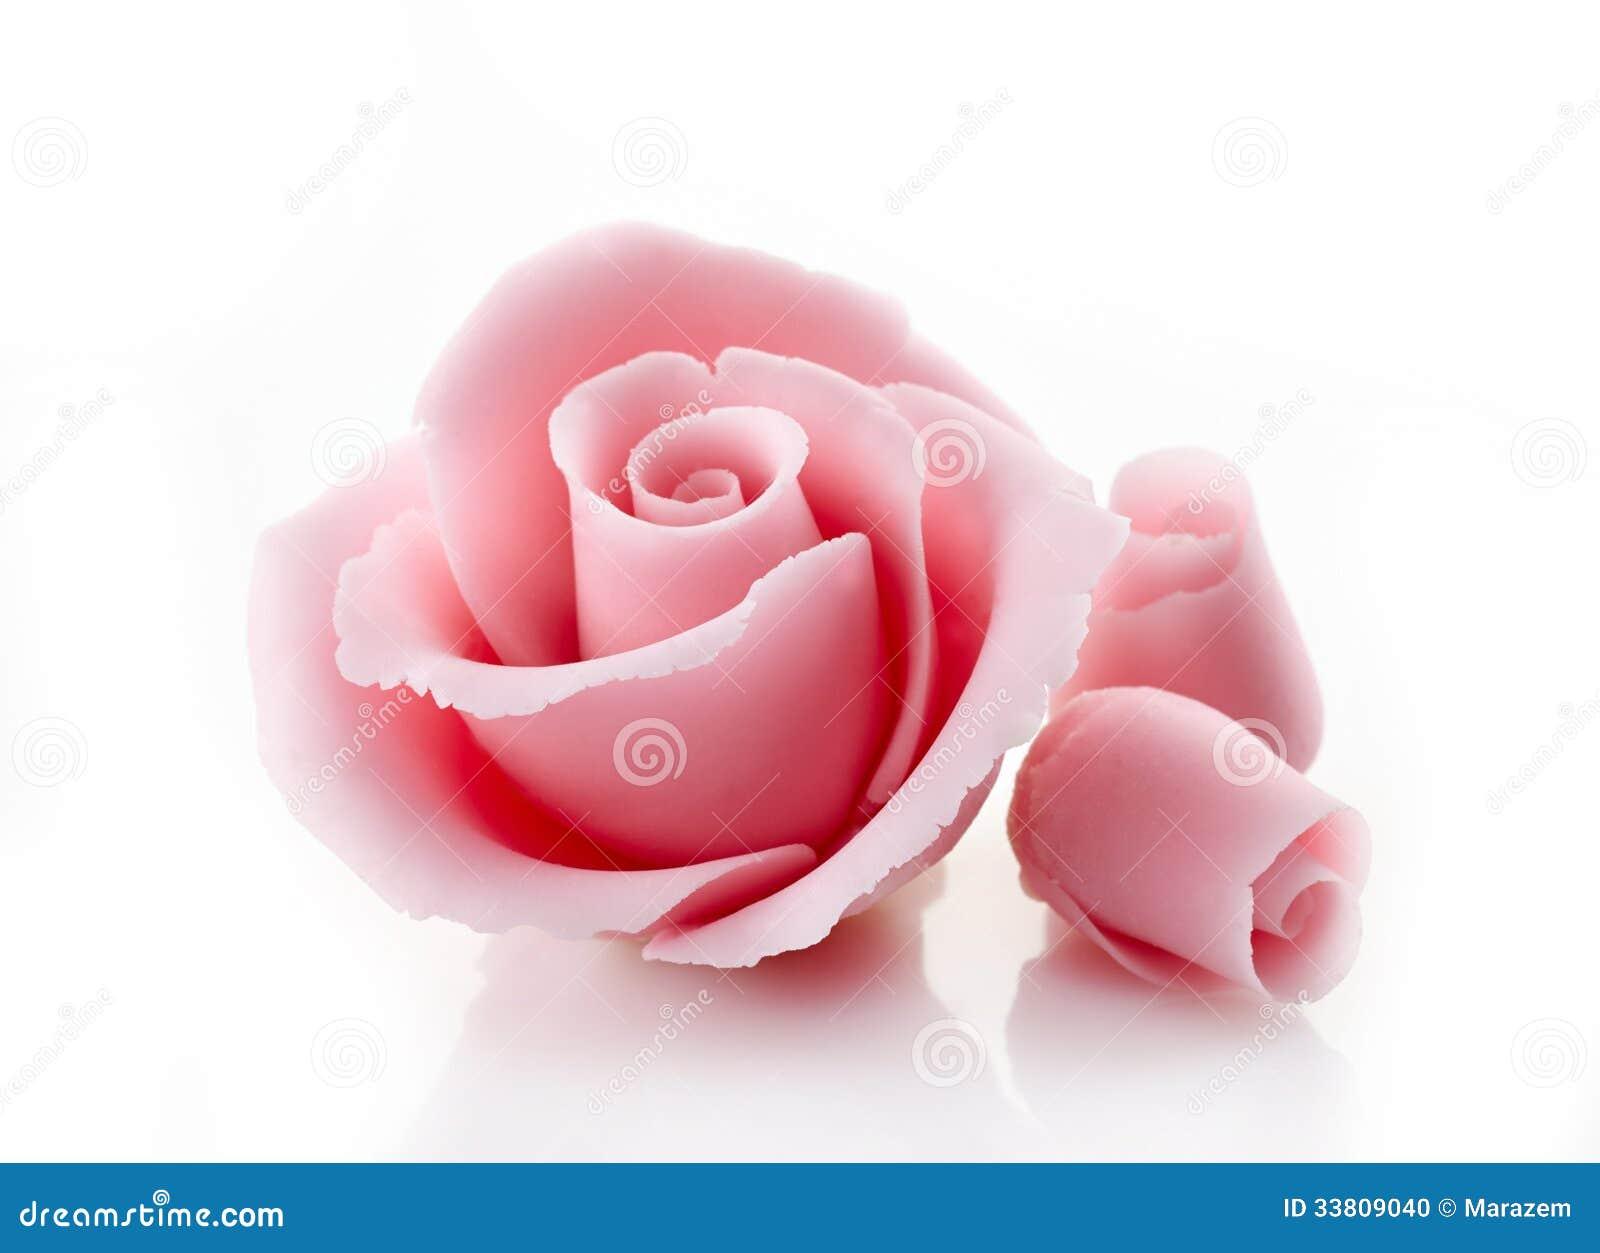 Rosa dekorativt socker steg